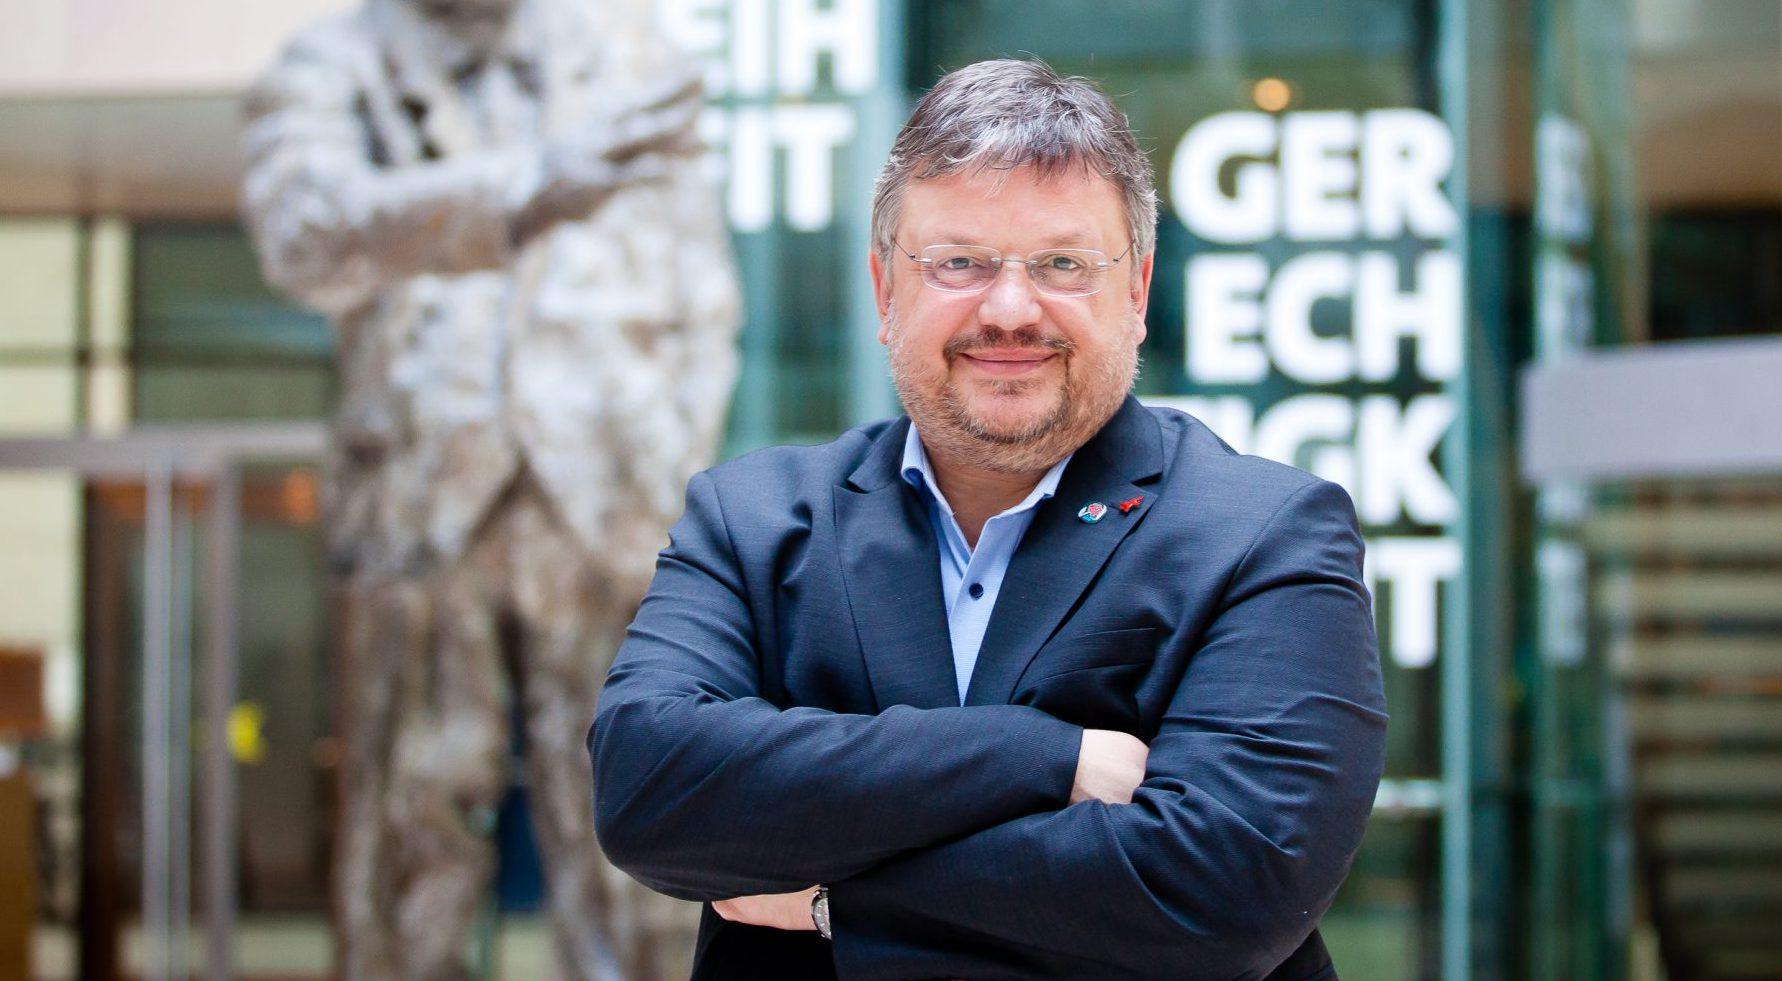 """Beitrag für den Blog """"Politische Ökonomie"""" des SPD-Wirtschaftsforums: Wasserstoff schafft Wohlstand und Beschäftigung!"""